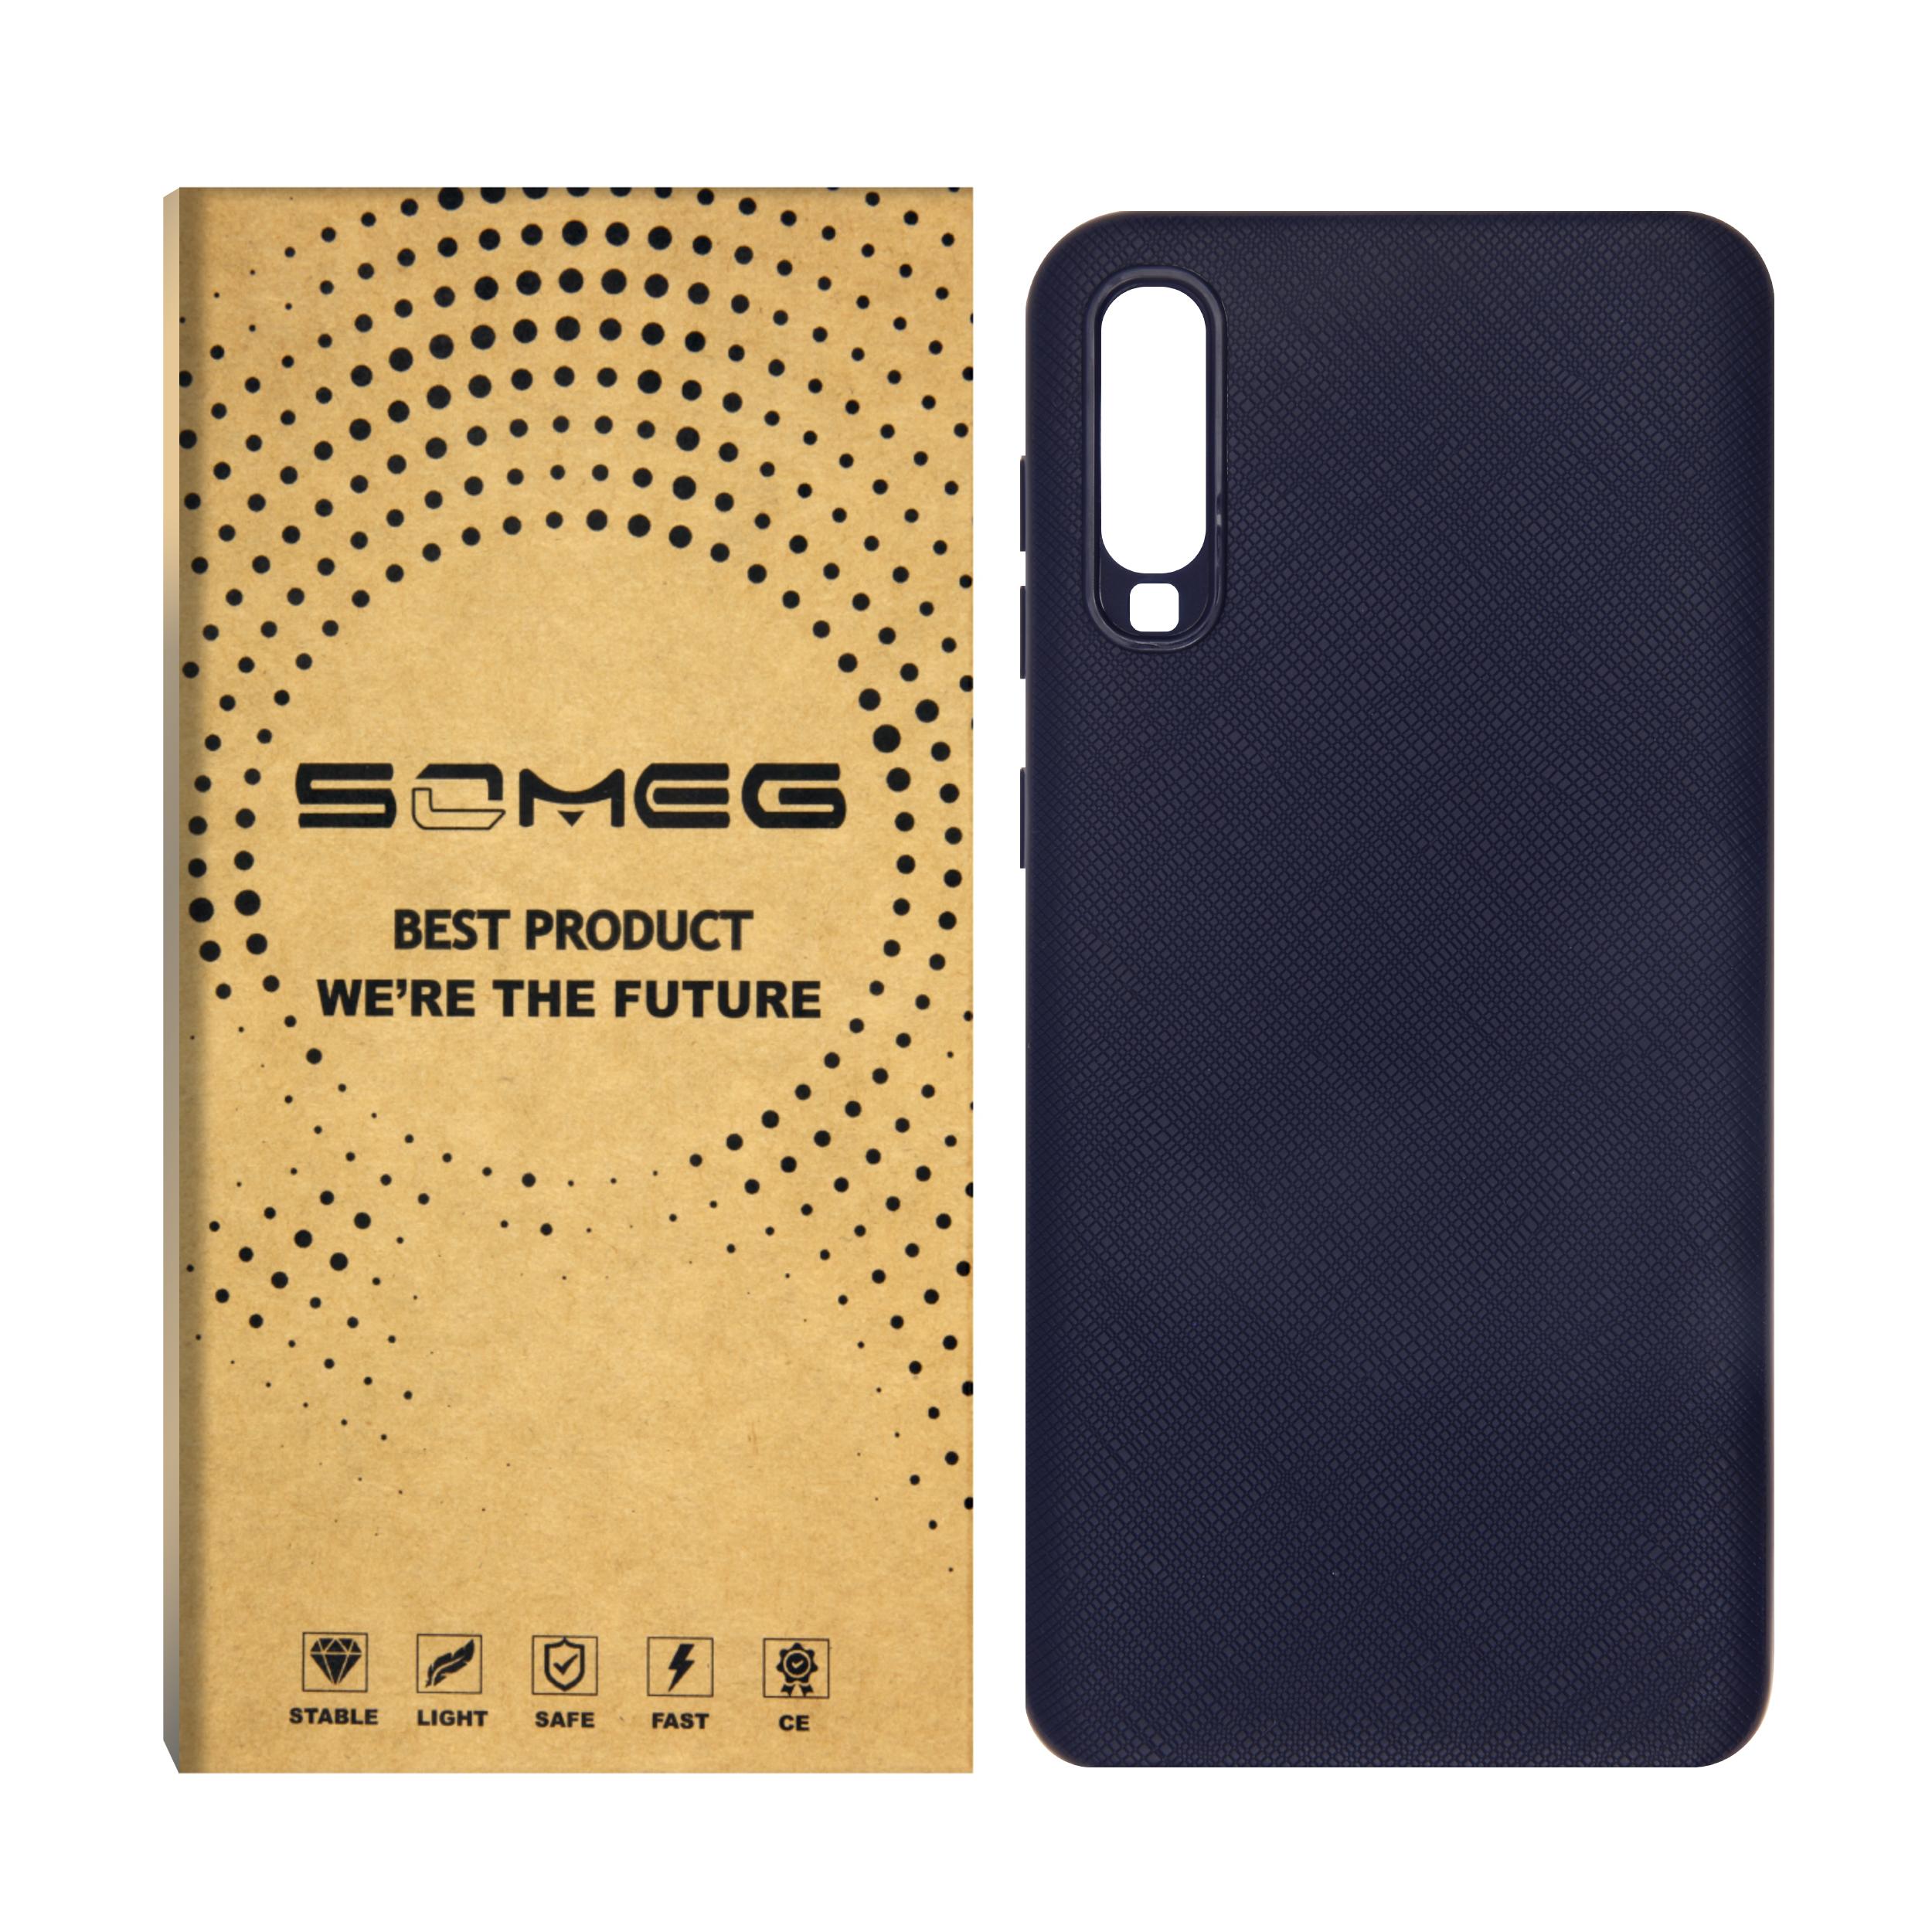 کاور سومگ مدل SC-i001 مناسب برای گوشی موبایل سامسونگ Galaxy A50